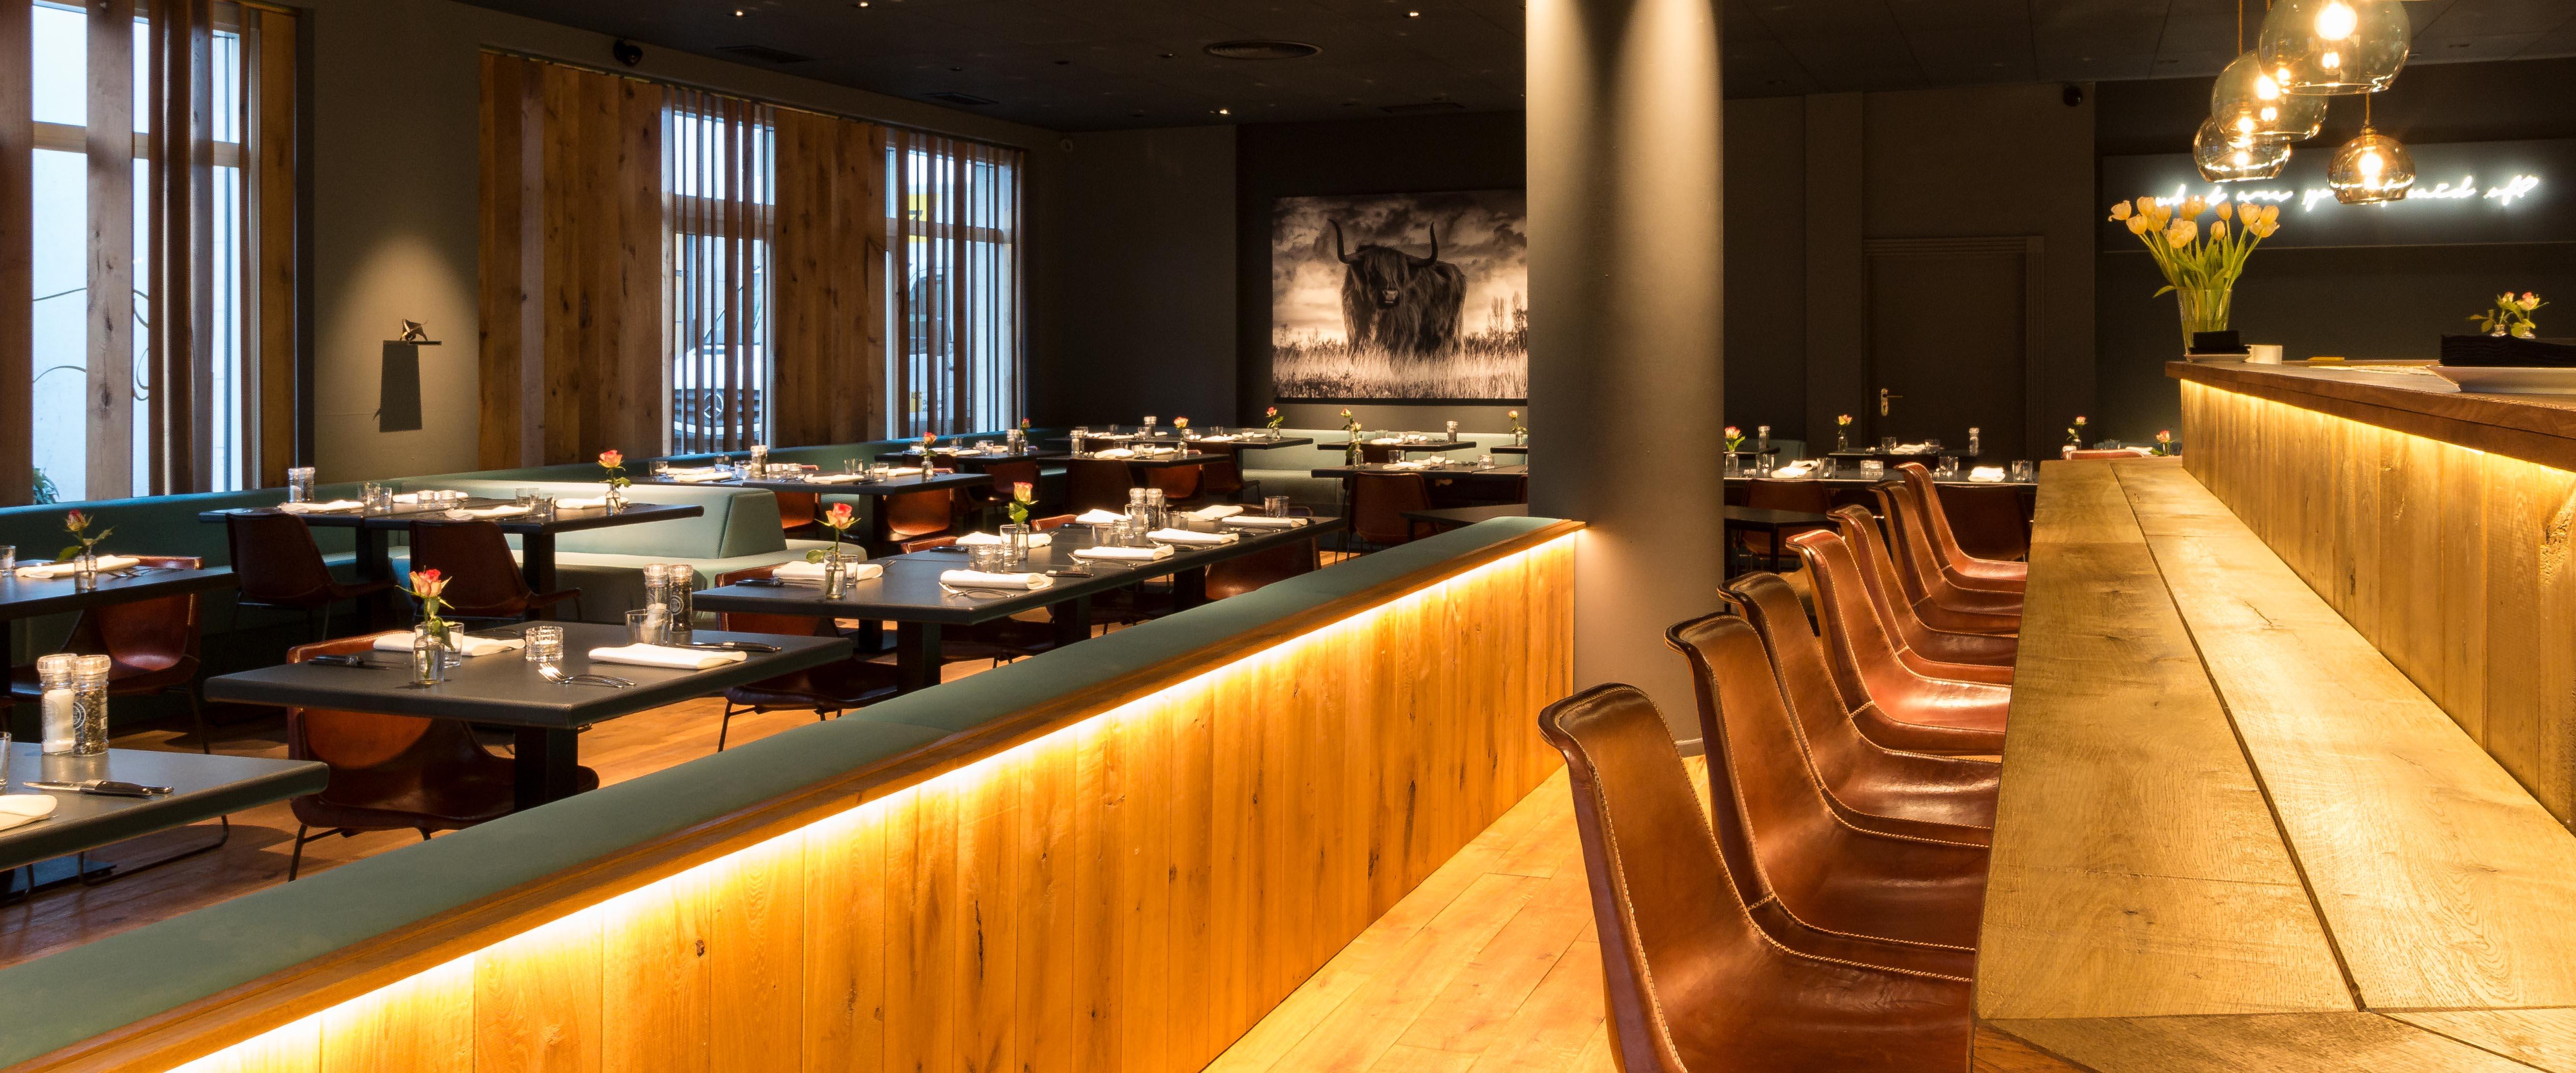 Bild 1 zu Beitrag 'TWENTYFIVE Steakclub'